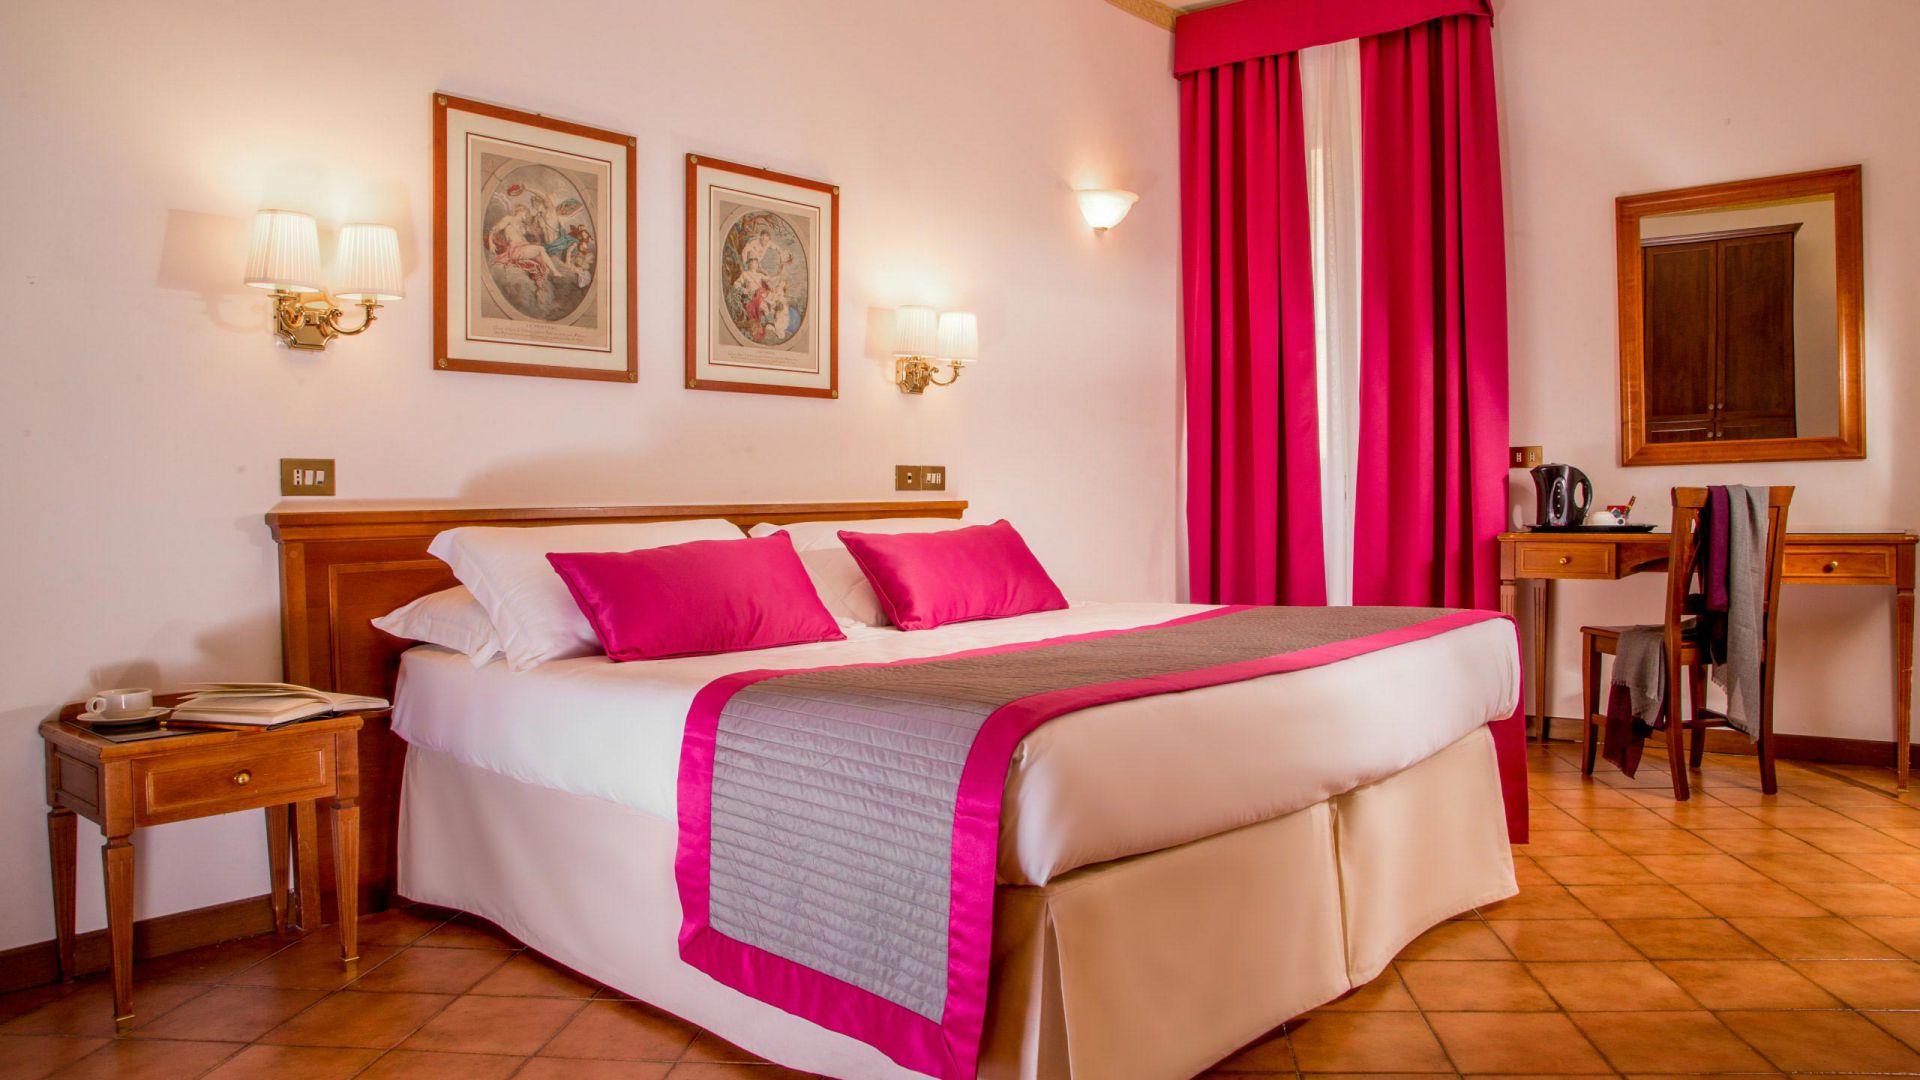 hotel-sole-roma-habitacion07